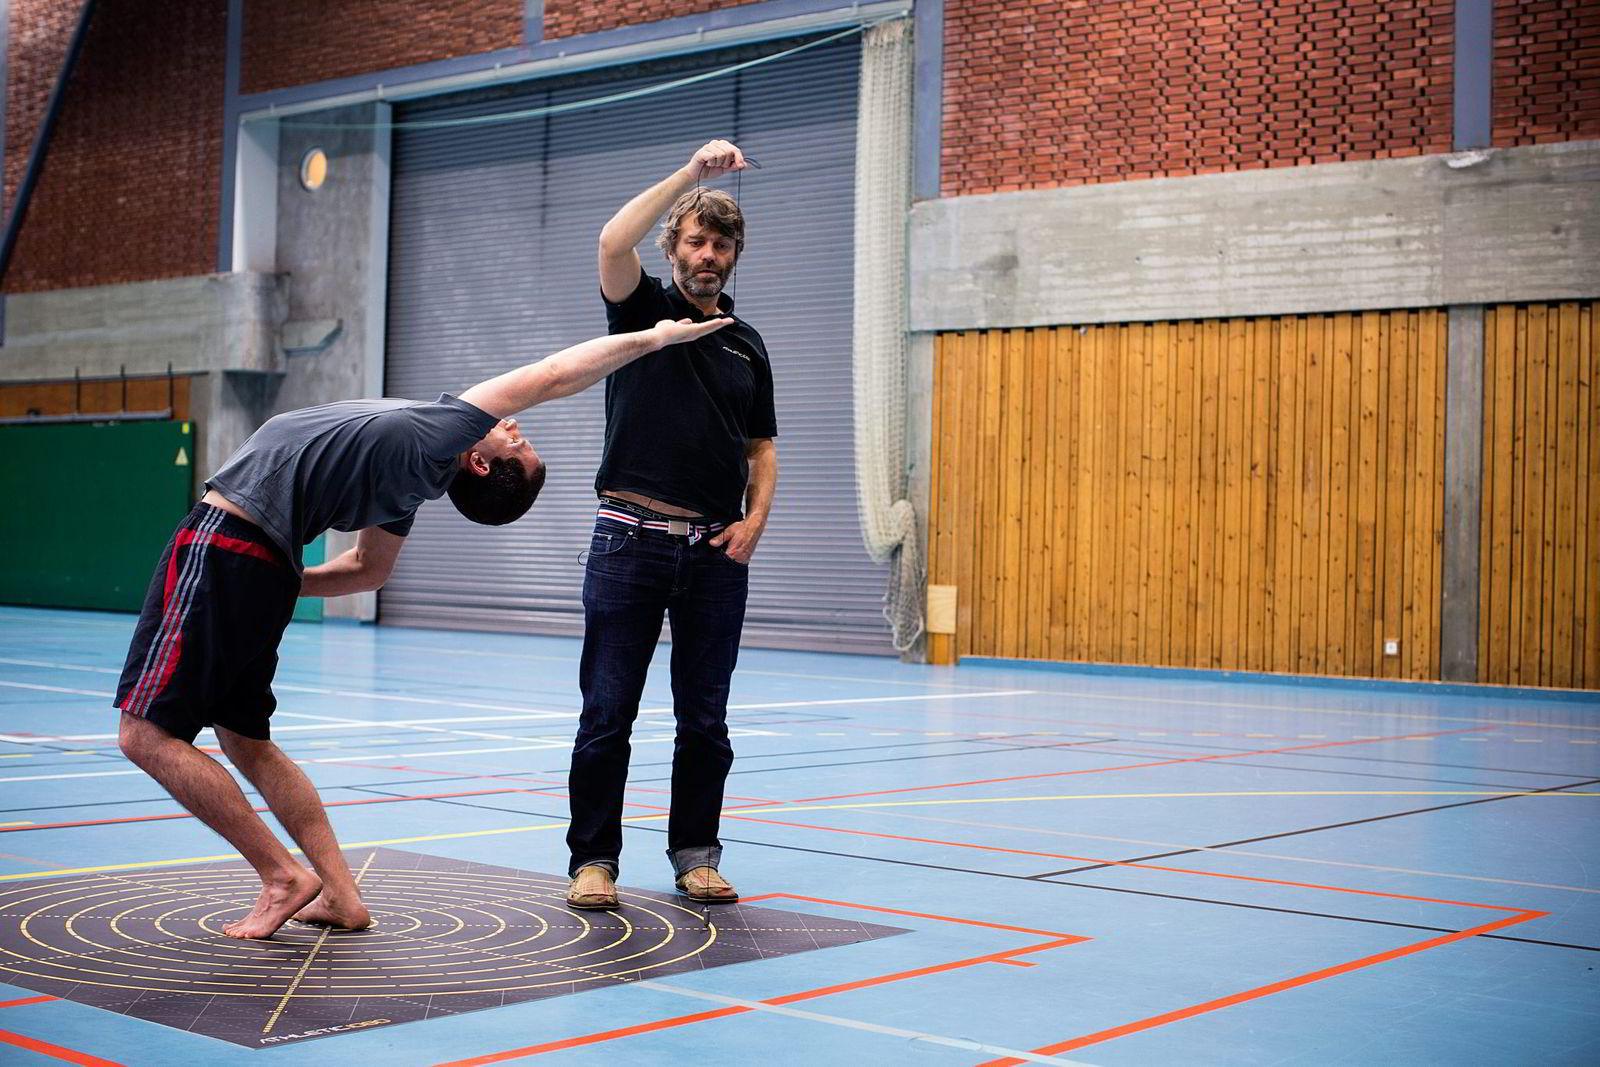 UTVIKLER. Ola Eriksrud (til høyre) har vært med på utviklingen av testsystemet som allerede er blitt godt mottatt i internasjonale toppidrettsmiljøer. Her er det kickbokser André Hellesvik som blir testet. Foto: